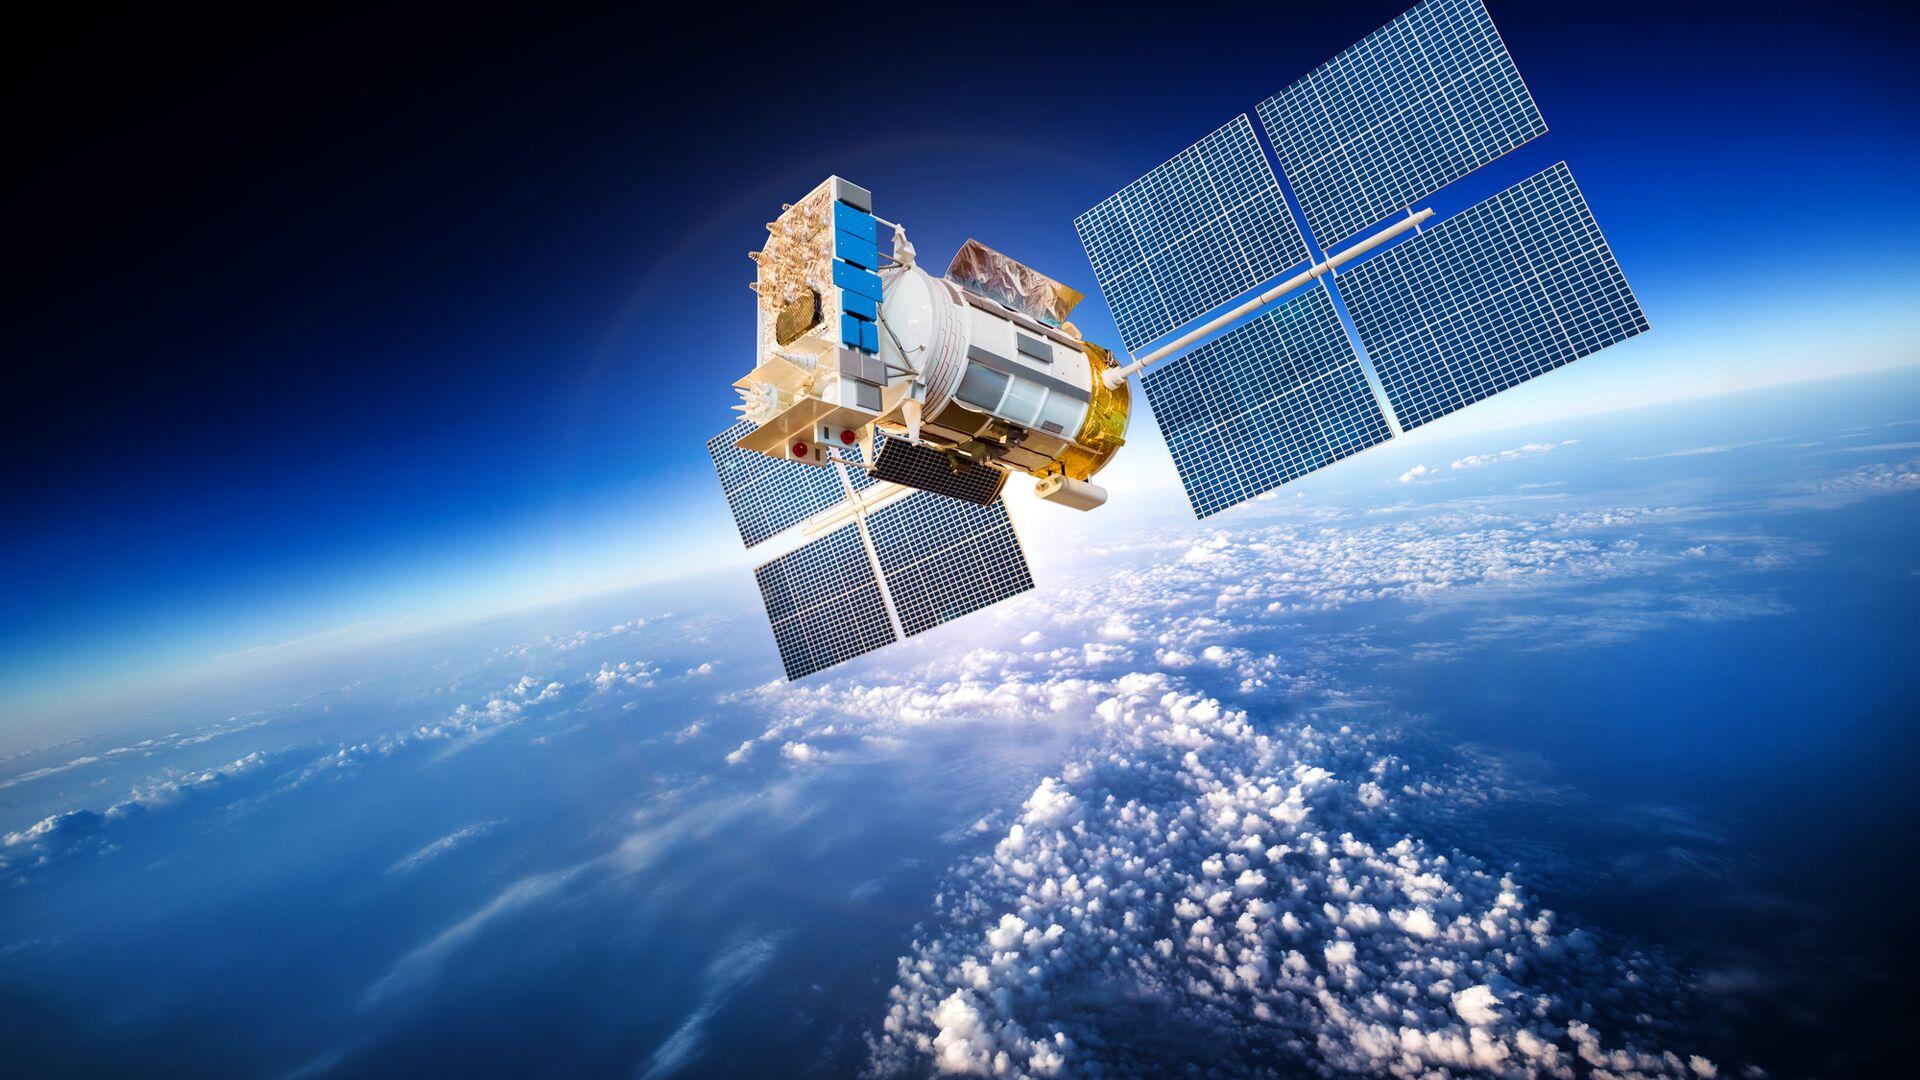 Российский военный спутник сгорел в атмосфере над Антарктидой